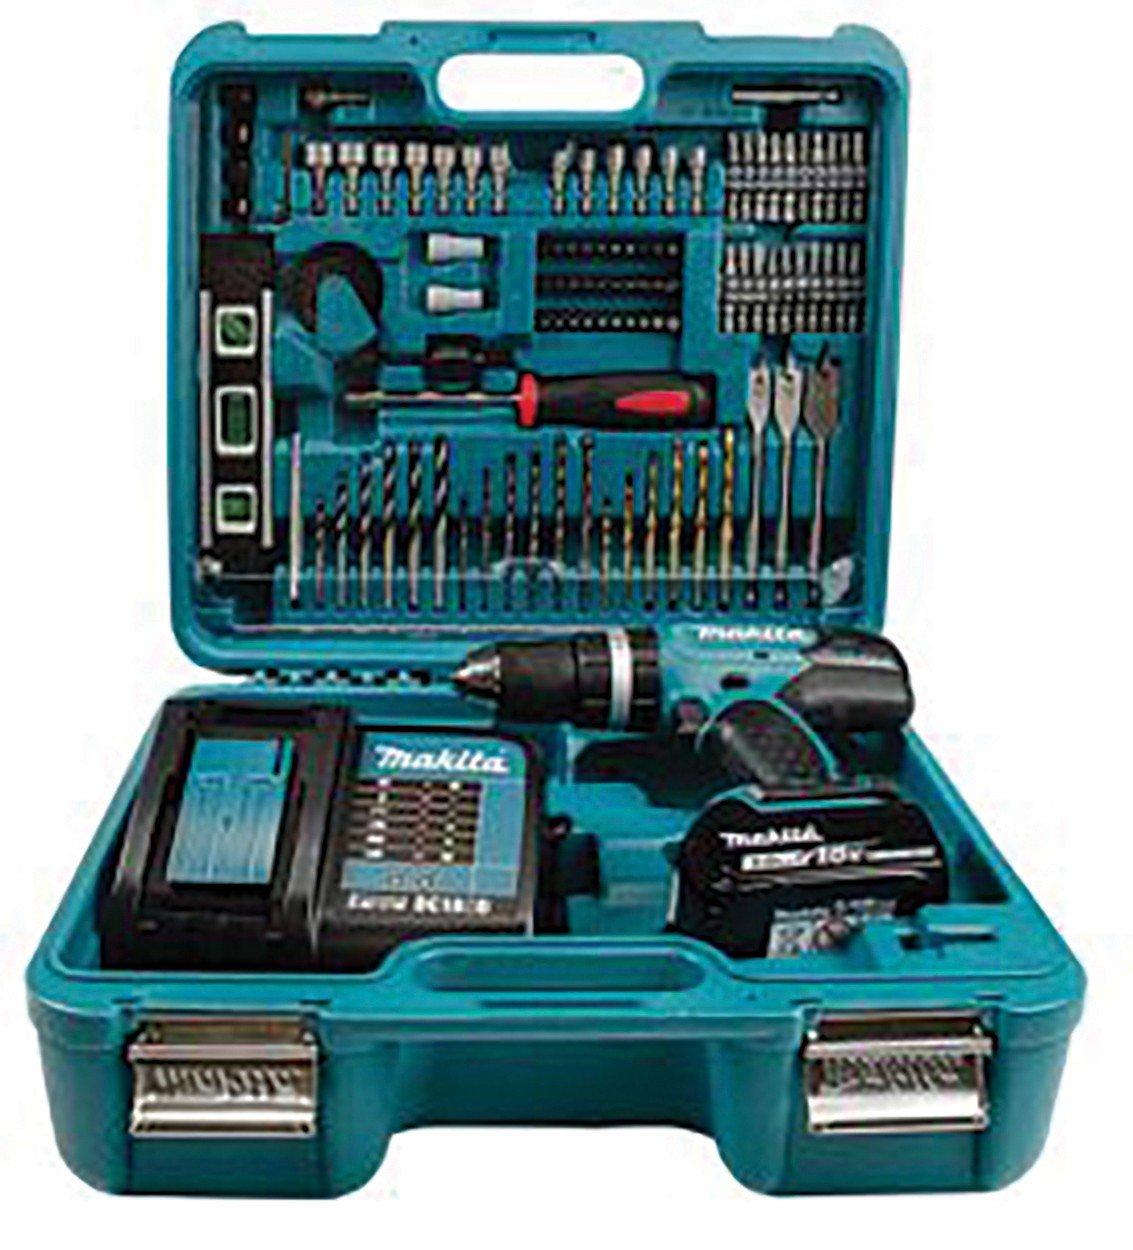 MAKITA DHP453FX12 18v Combi drill - 13mm keyless chuck + 101 Accessories £106 @ Howe Tools